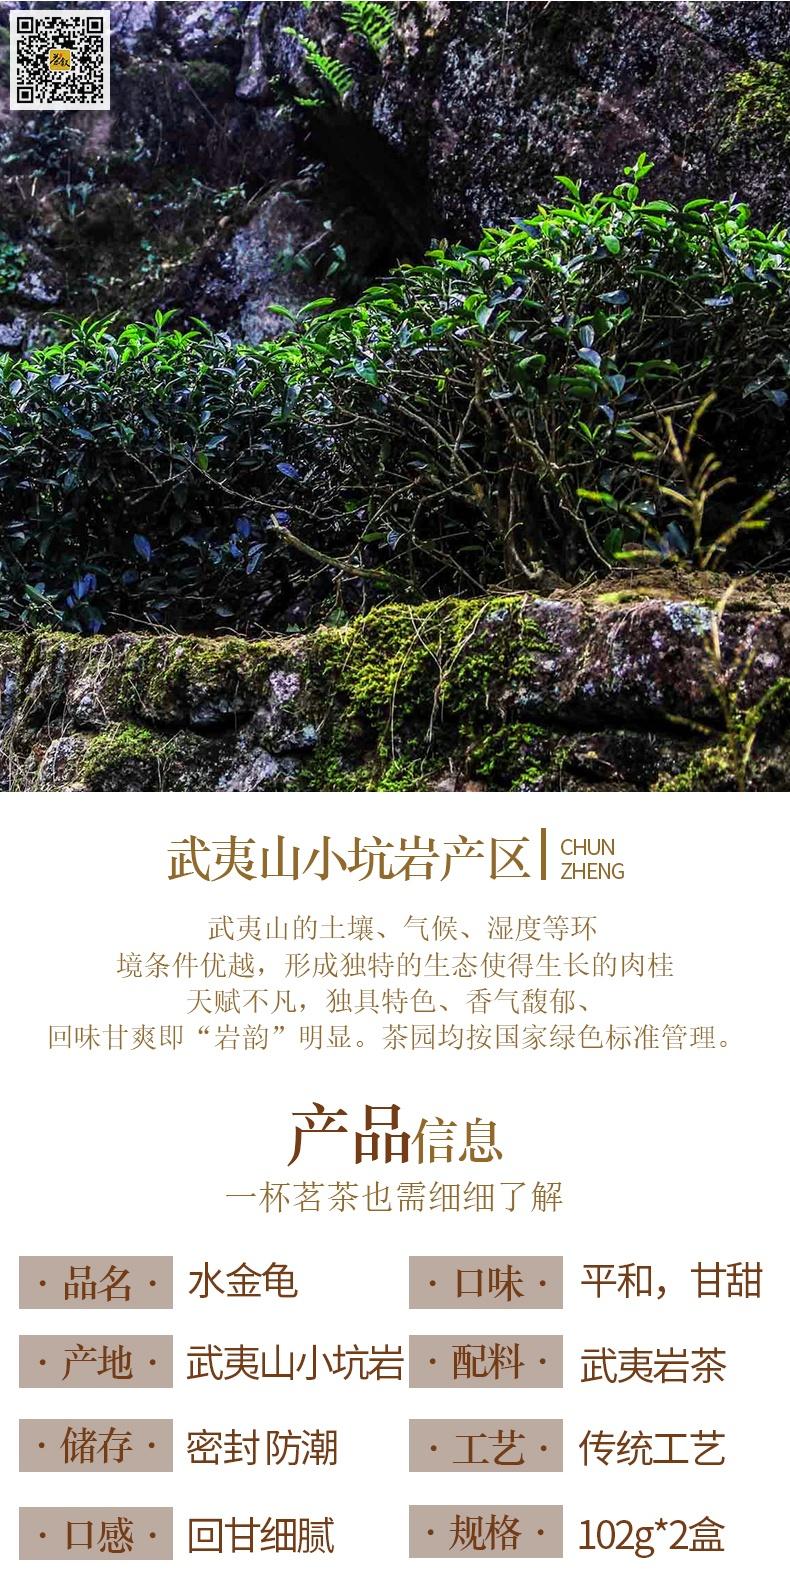 武夷名丛水金龟产品信息图